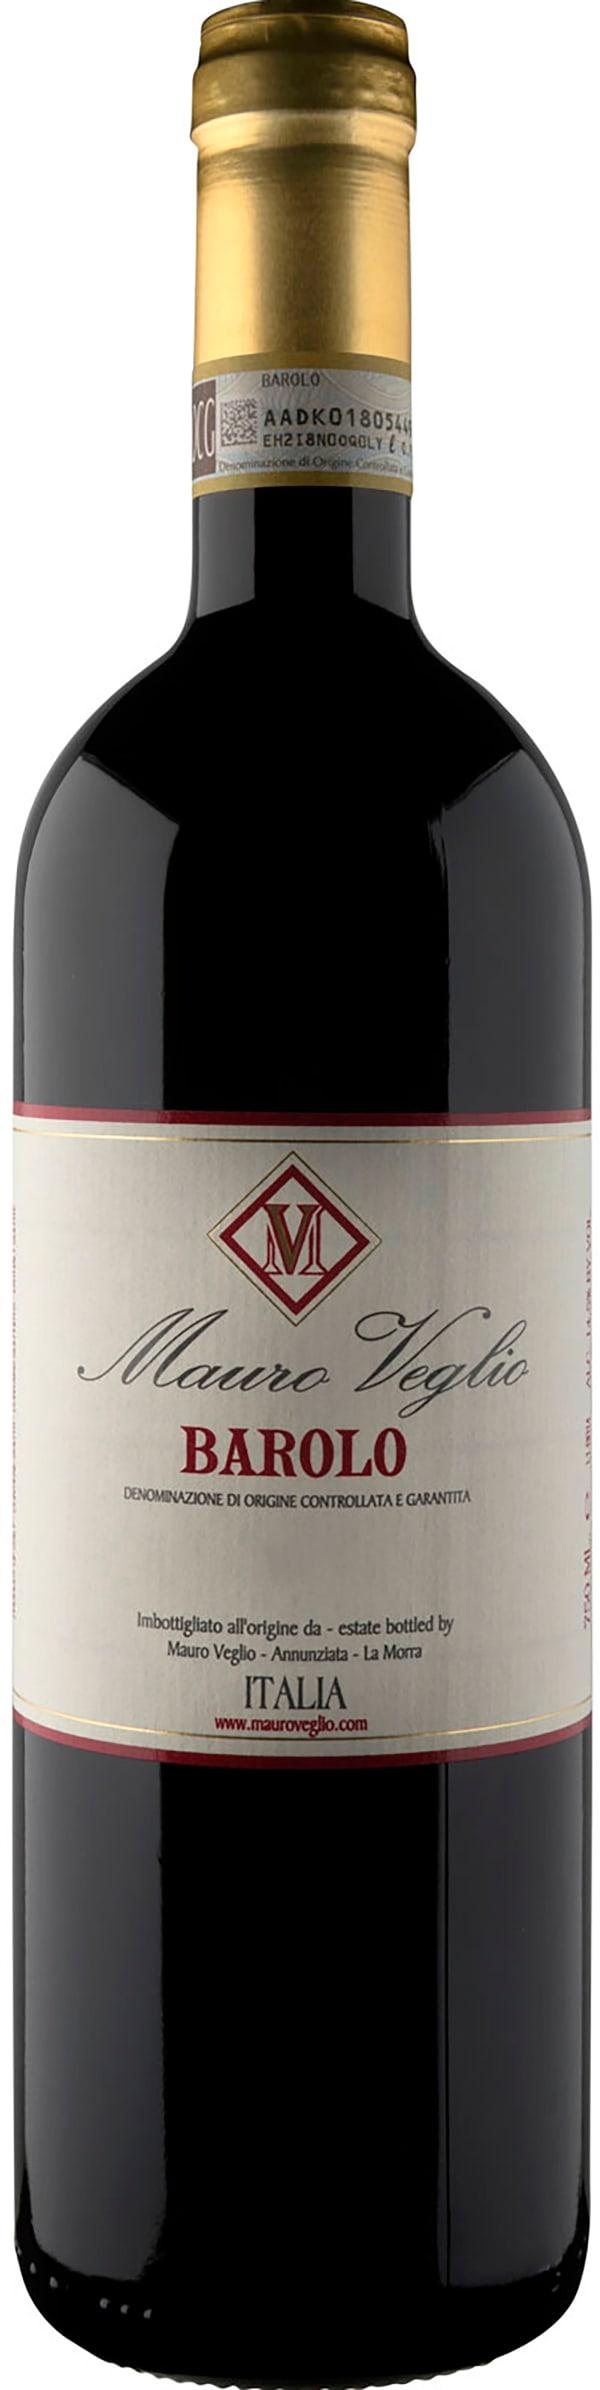 Mauro Veglio Barolo 2016